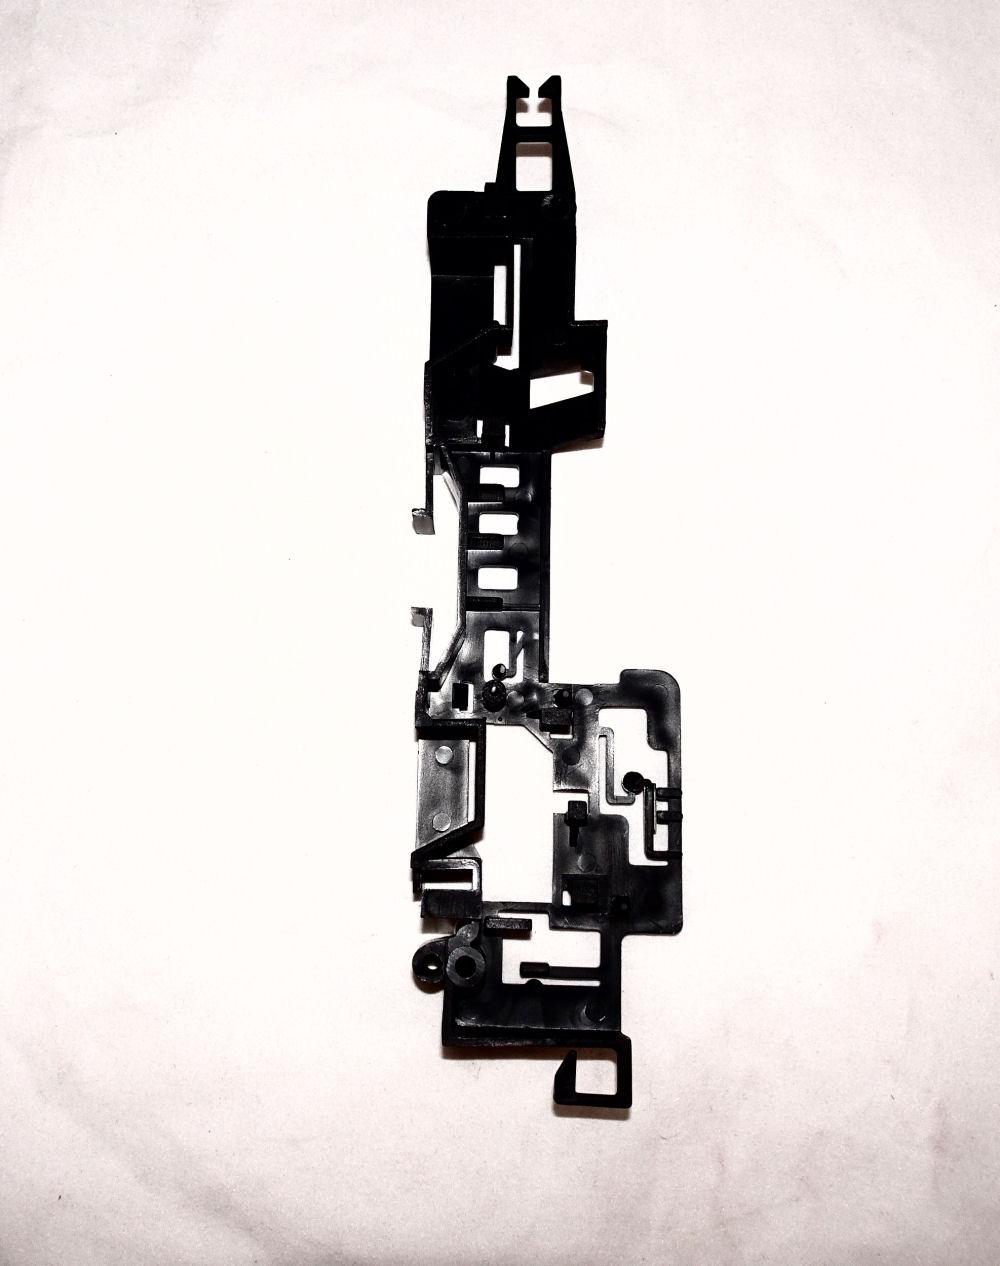 Door Latch Hook For Panasonic Microwave Ovens